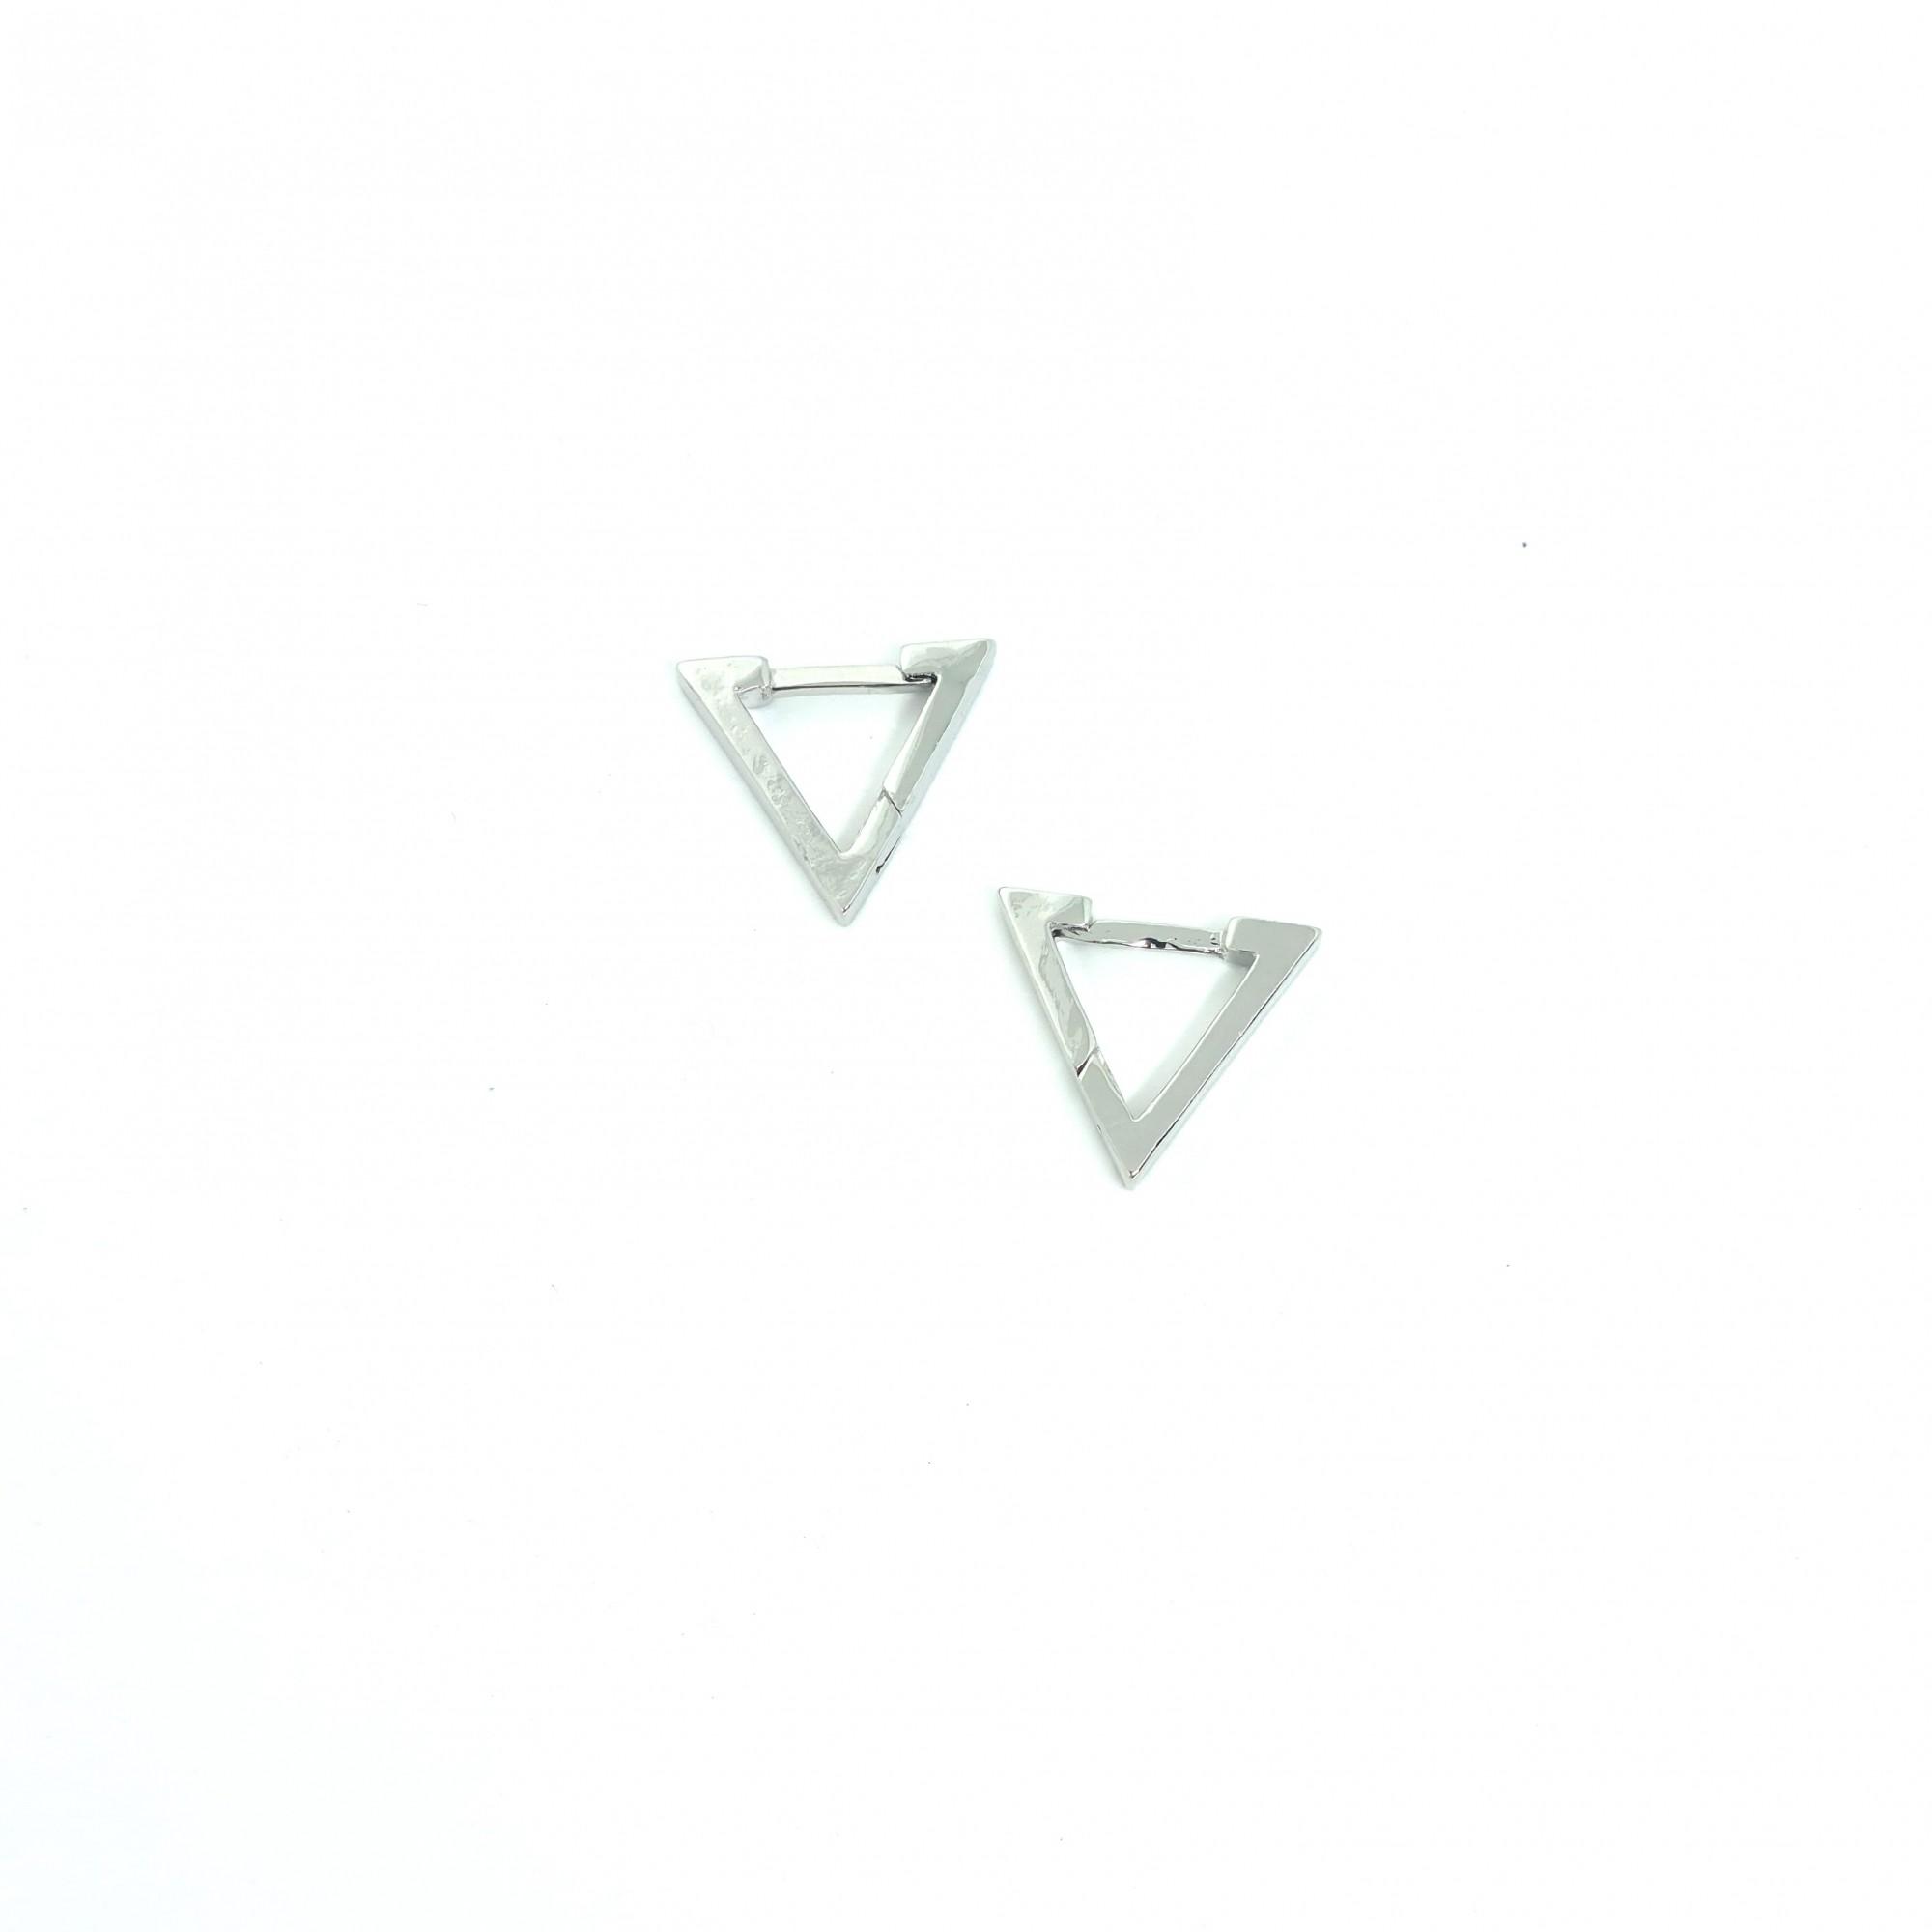 Brinco Masculino Aço Inox Triangulo